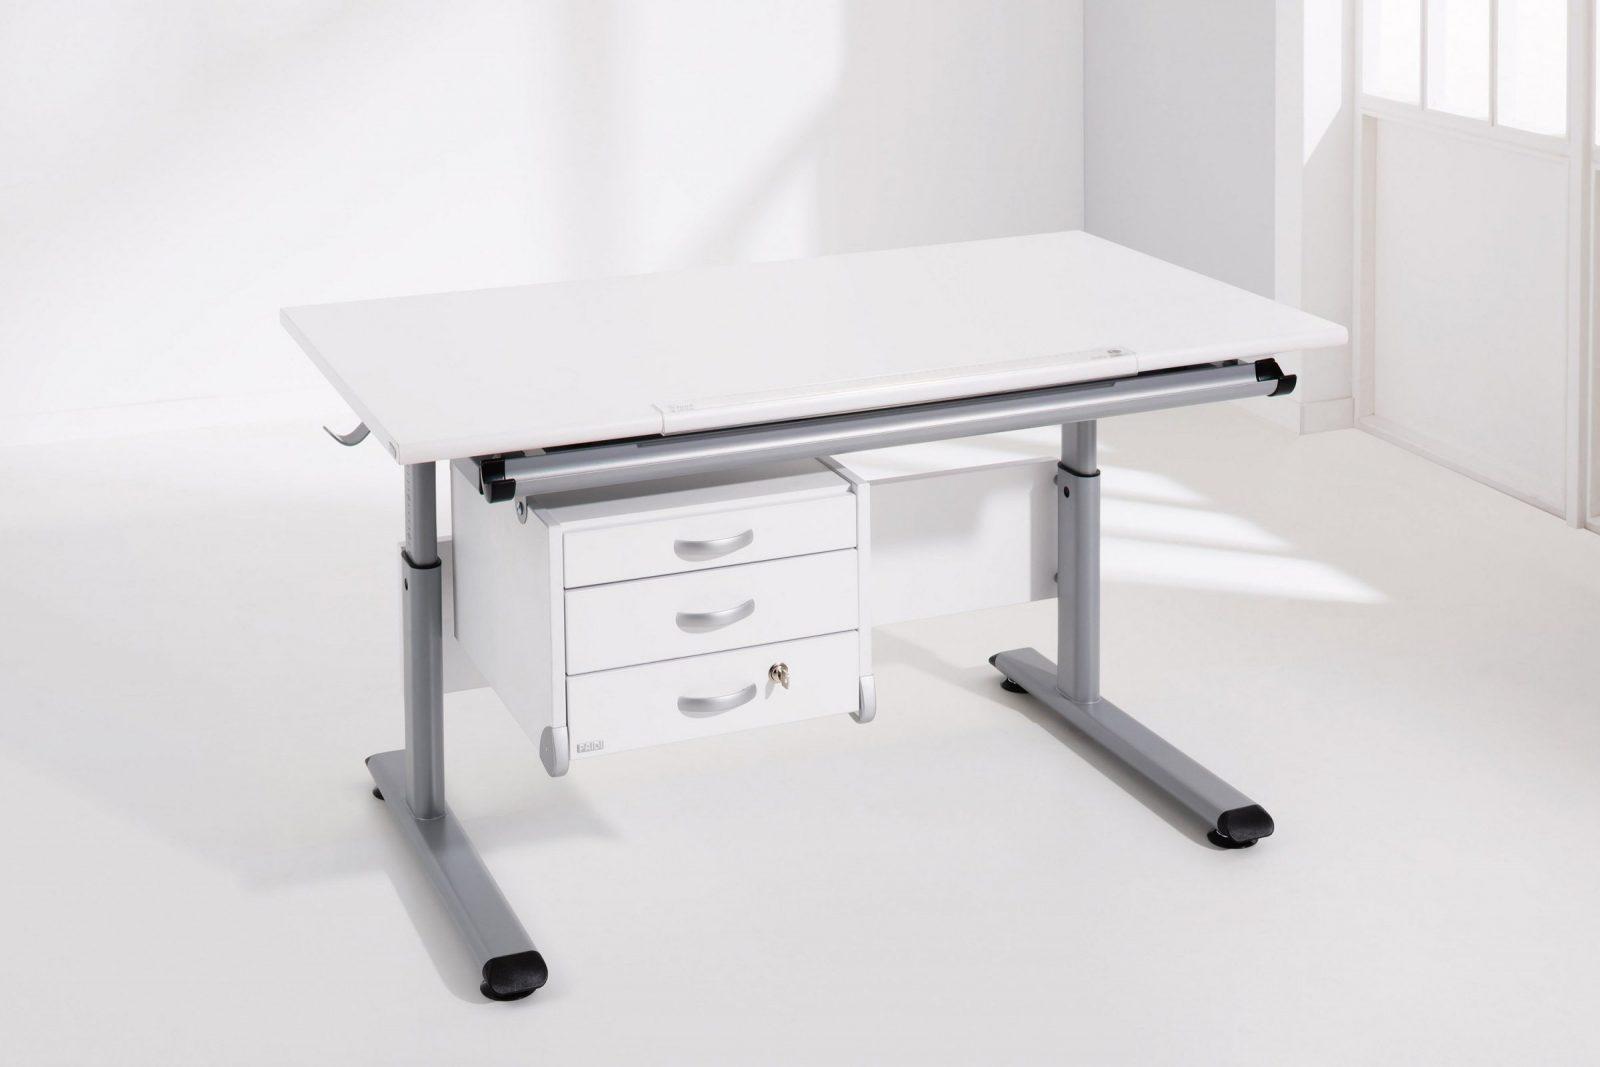 Paidi Schreibtisch Weiß  Marco 2 Gt Platte Neigbar  Möbel Letz von Schreibtisch Marco 2 Gt Bild